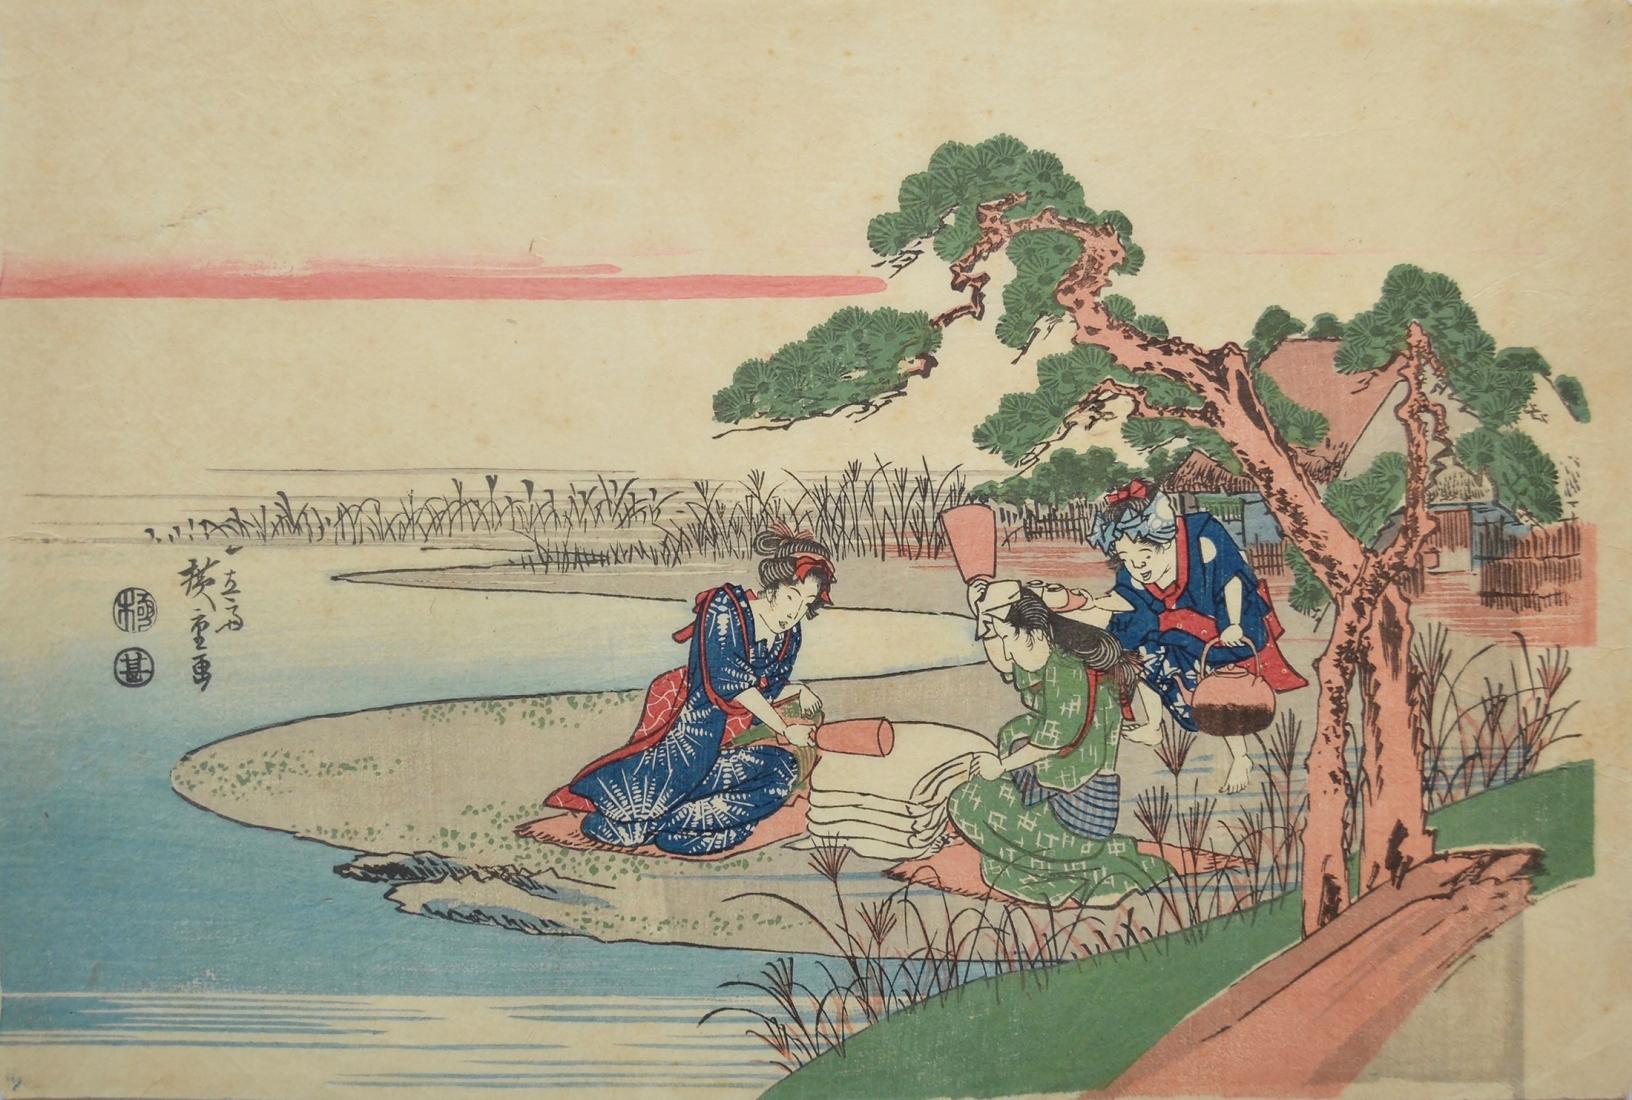 19th-century Ukiyo-e and 20th-century Shin-hanga prints